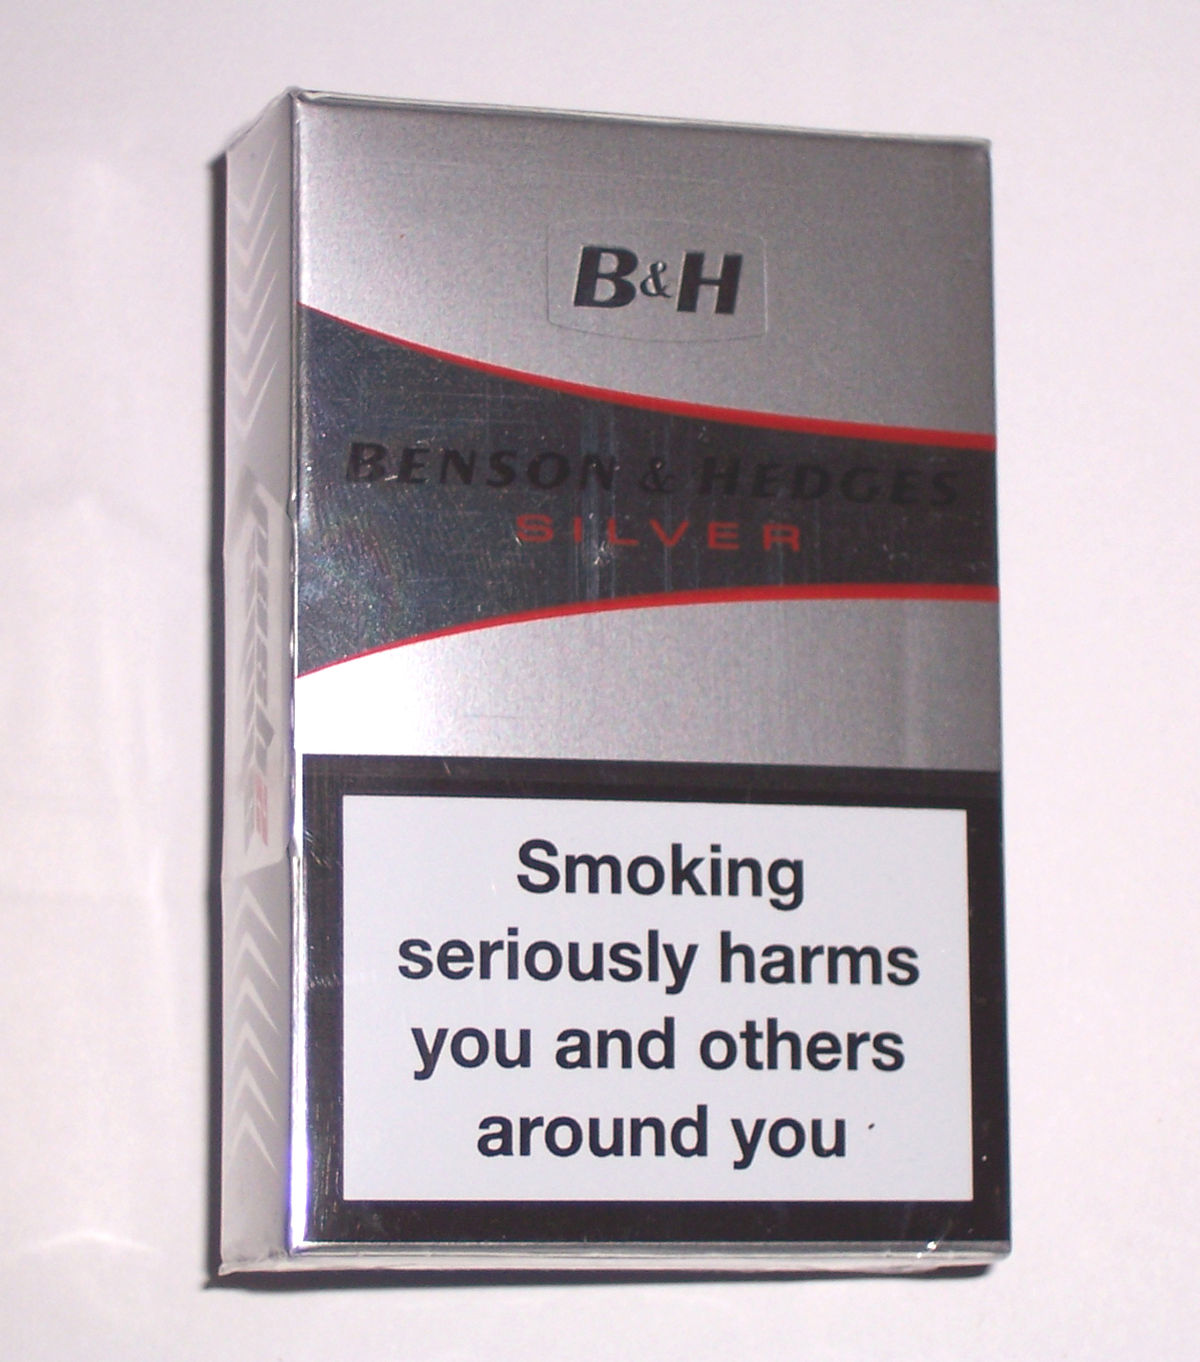 сигареты бенсон энд хеджес купить в спб